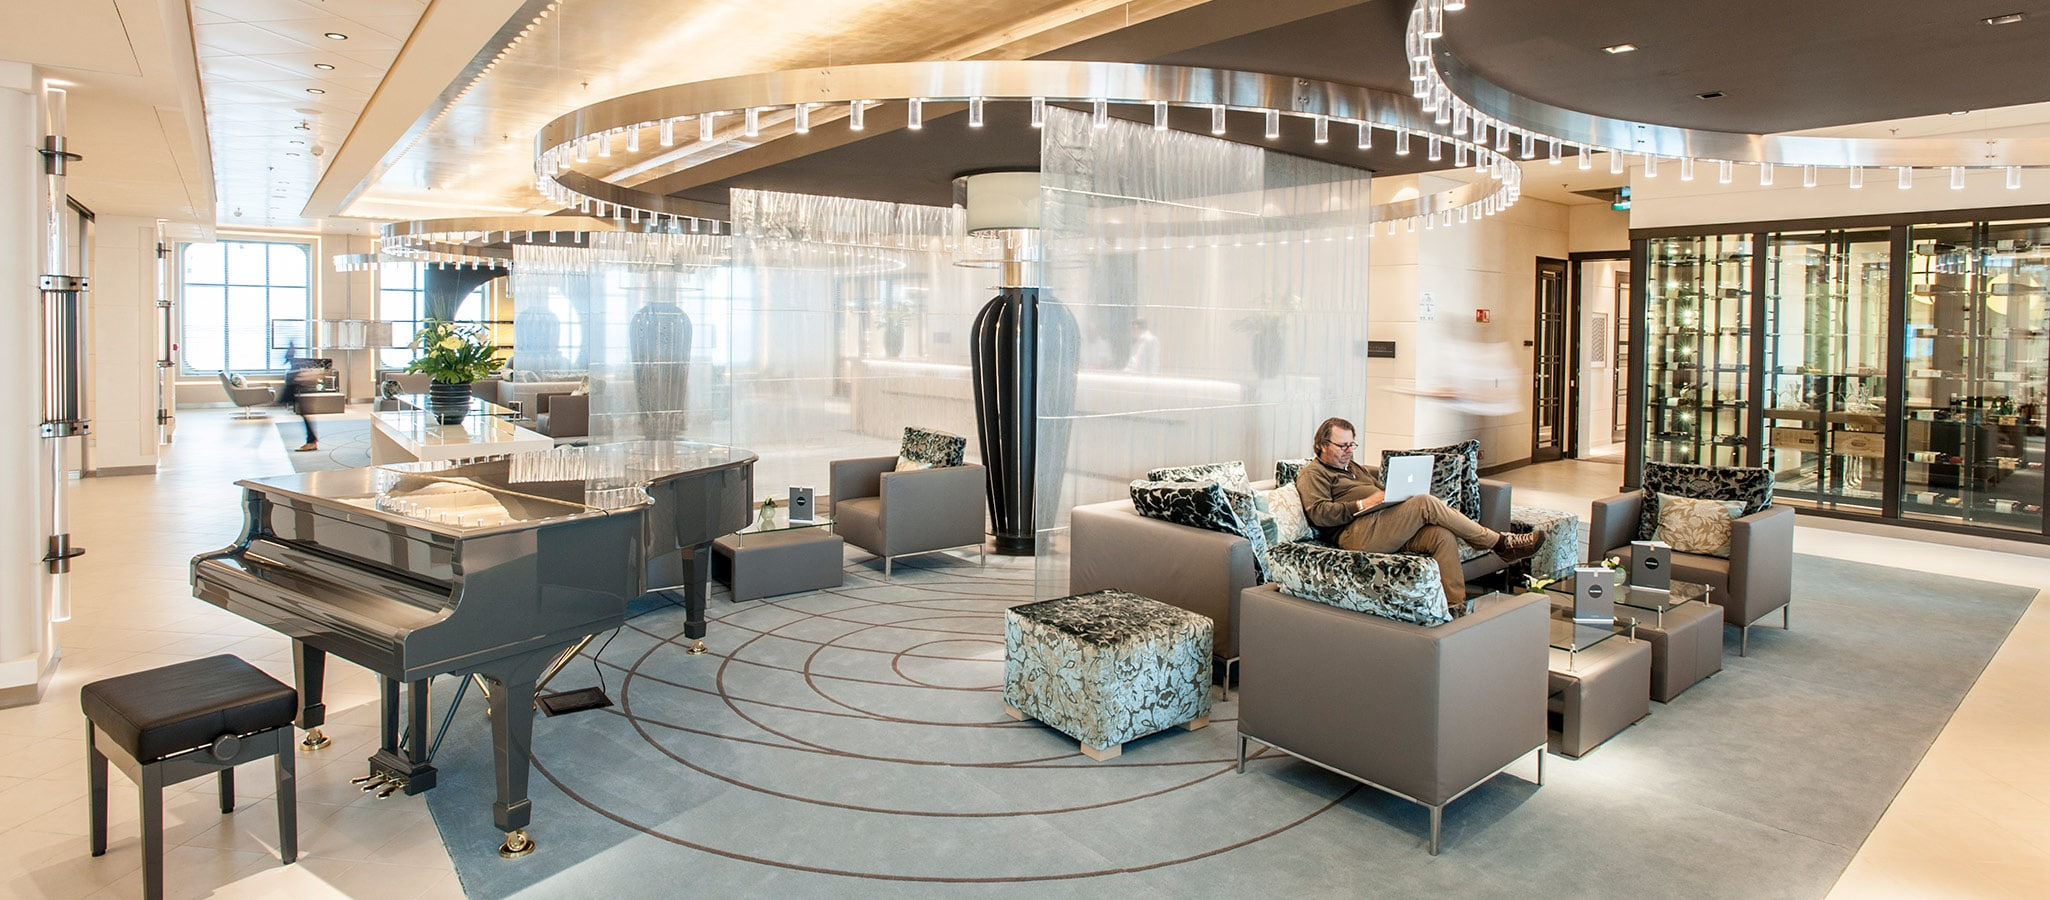 Die Vielfalt der vorhandenen Lounges lässt sich beliebig nutzen. Z.B. für Cocktail-Receptions, Meetings, Break-Out-Sessions.